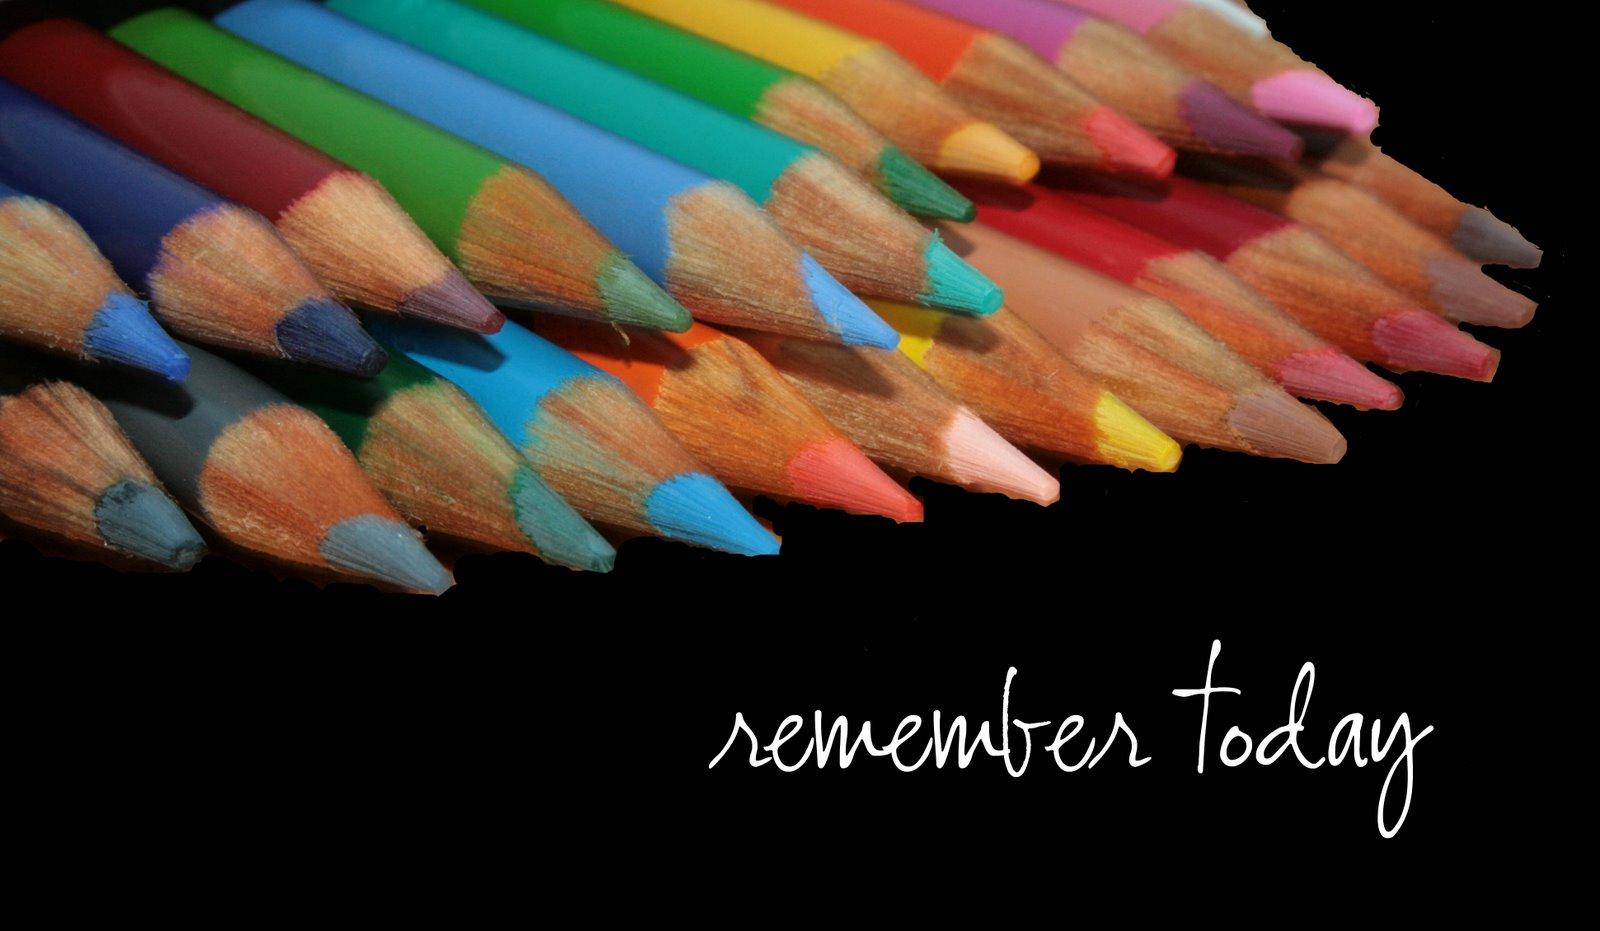 http://2.bp.blogspot.com/_jD1xn-lbM3I/SLDgt1Q8z5I/AAAAAAAAA7g/G44qJLBDXPw/S1600-R/remember%20today.jpg